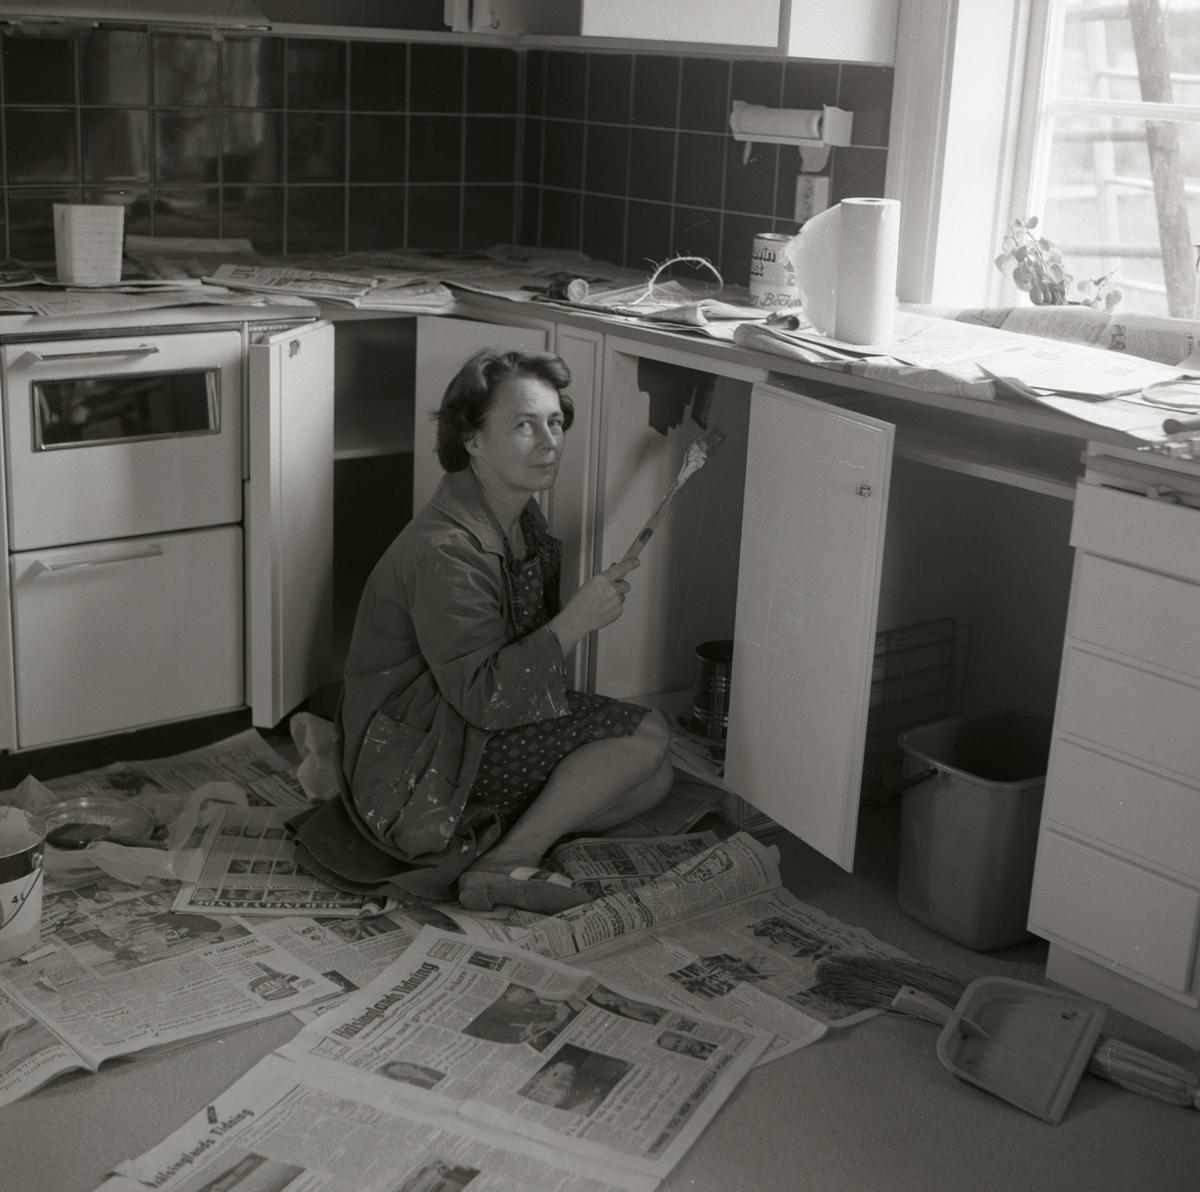 En kvinna sitter på golvet och målar köksluckor i bostadshuset vid gården Sunnanåker, 1967-68.